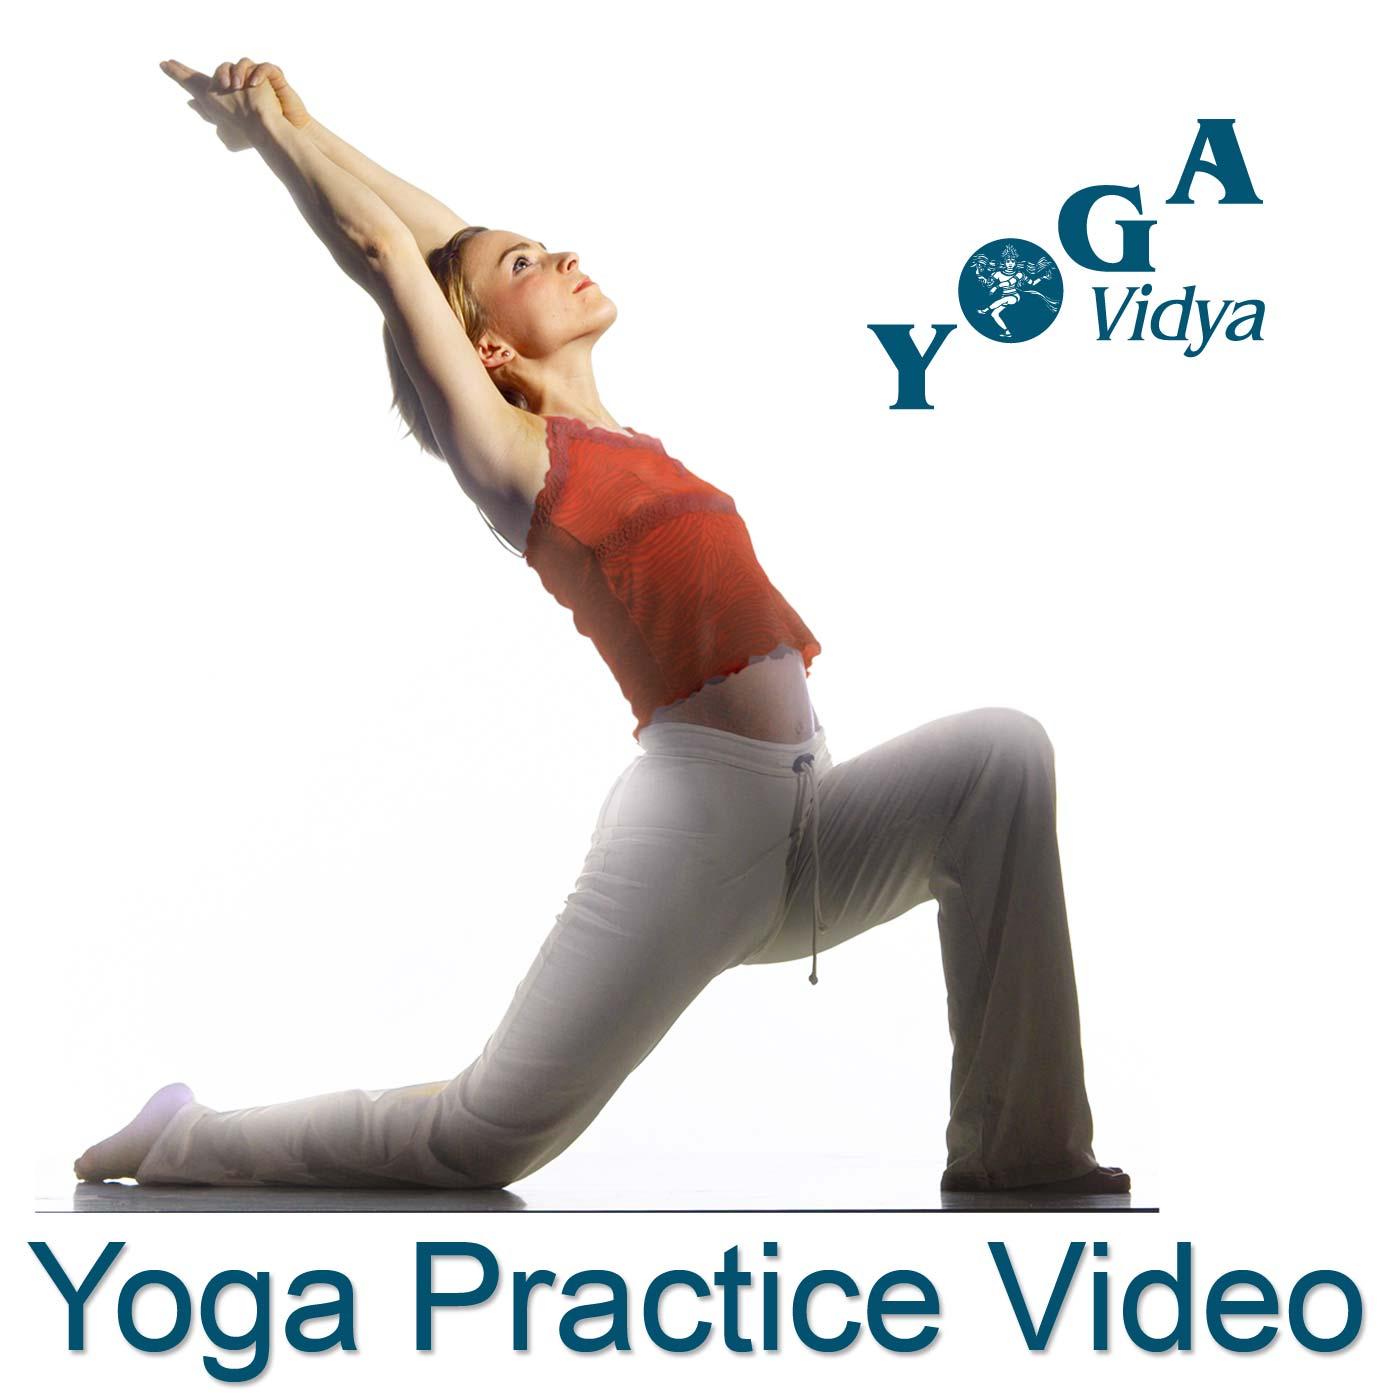 Yoga Practice Video